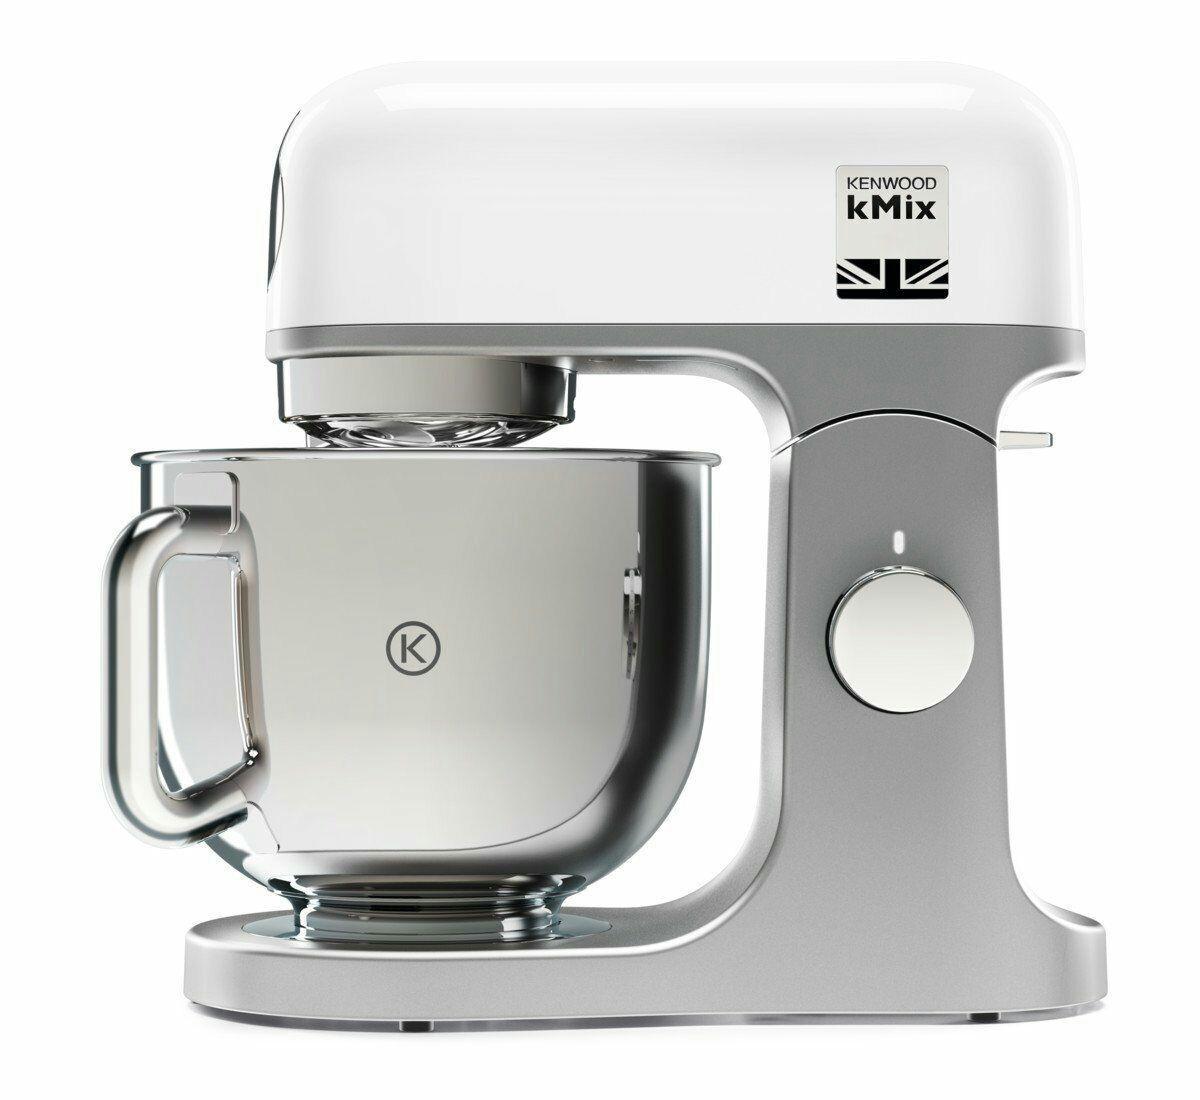 Robot de cuisine Kenwood Kmix KMX750WH - 1000W